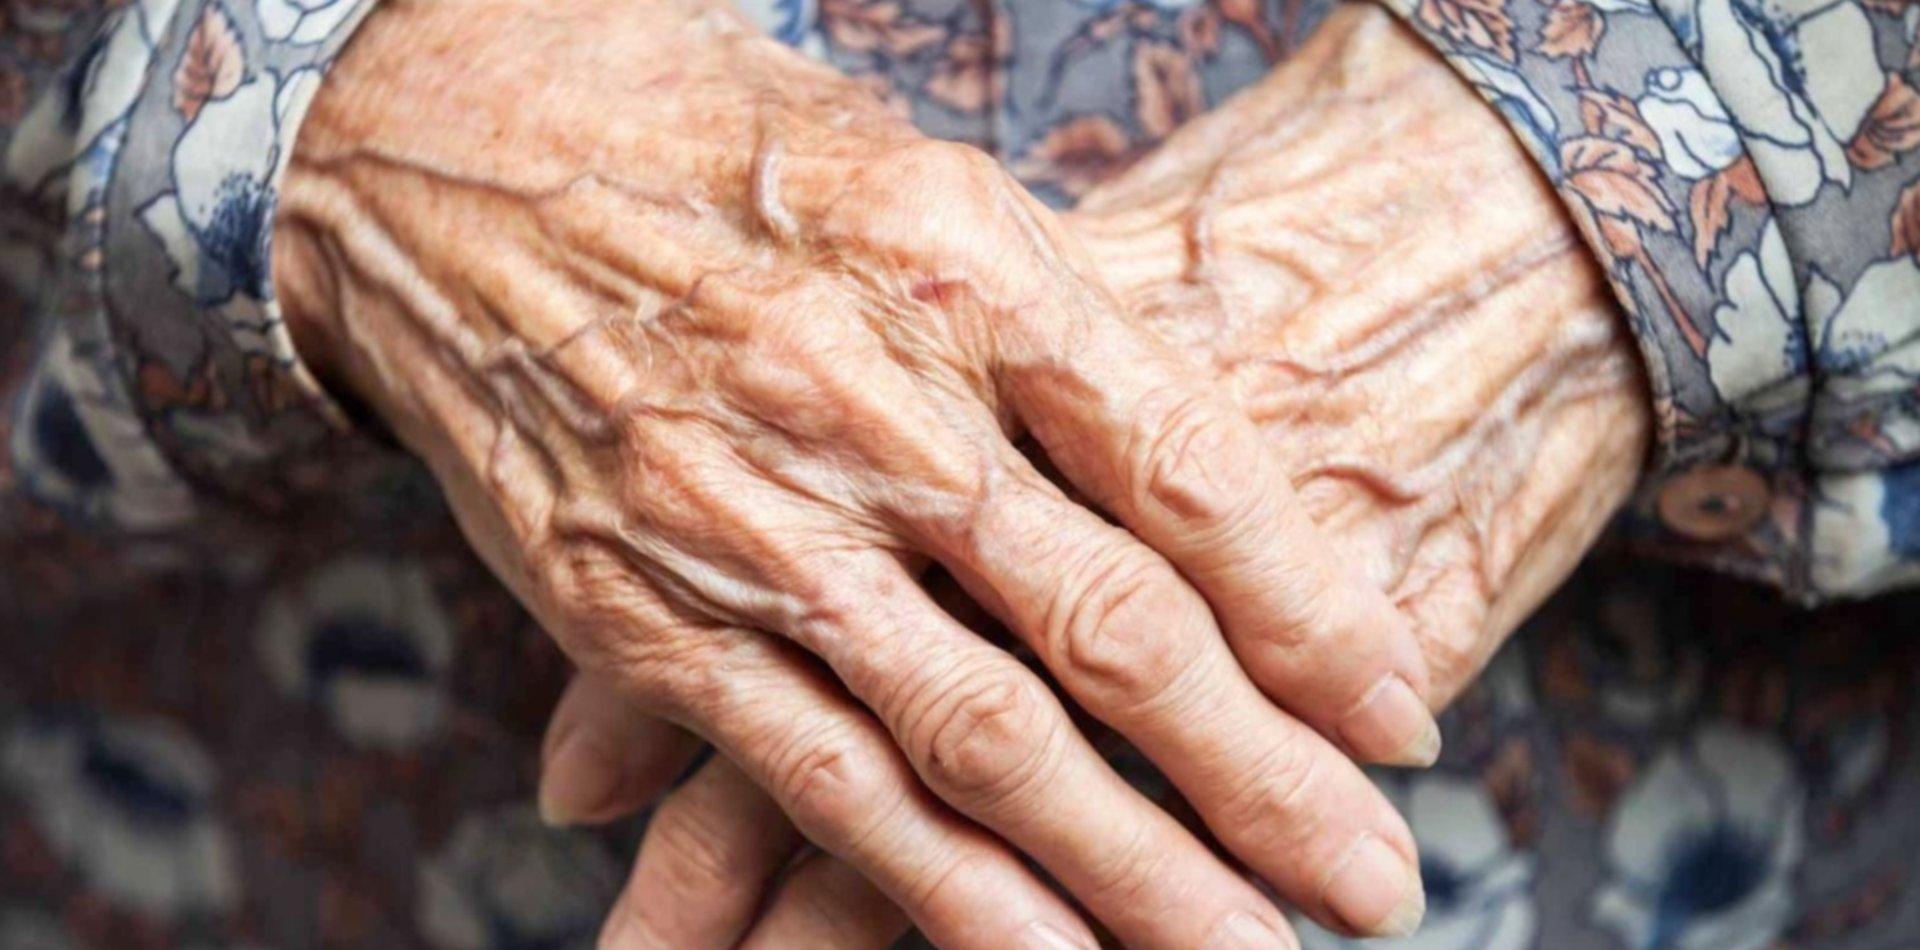 Le robaron más de 130 mil pesos a una jubilada en Ensenada con el cuento del tío